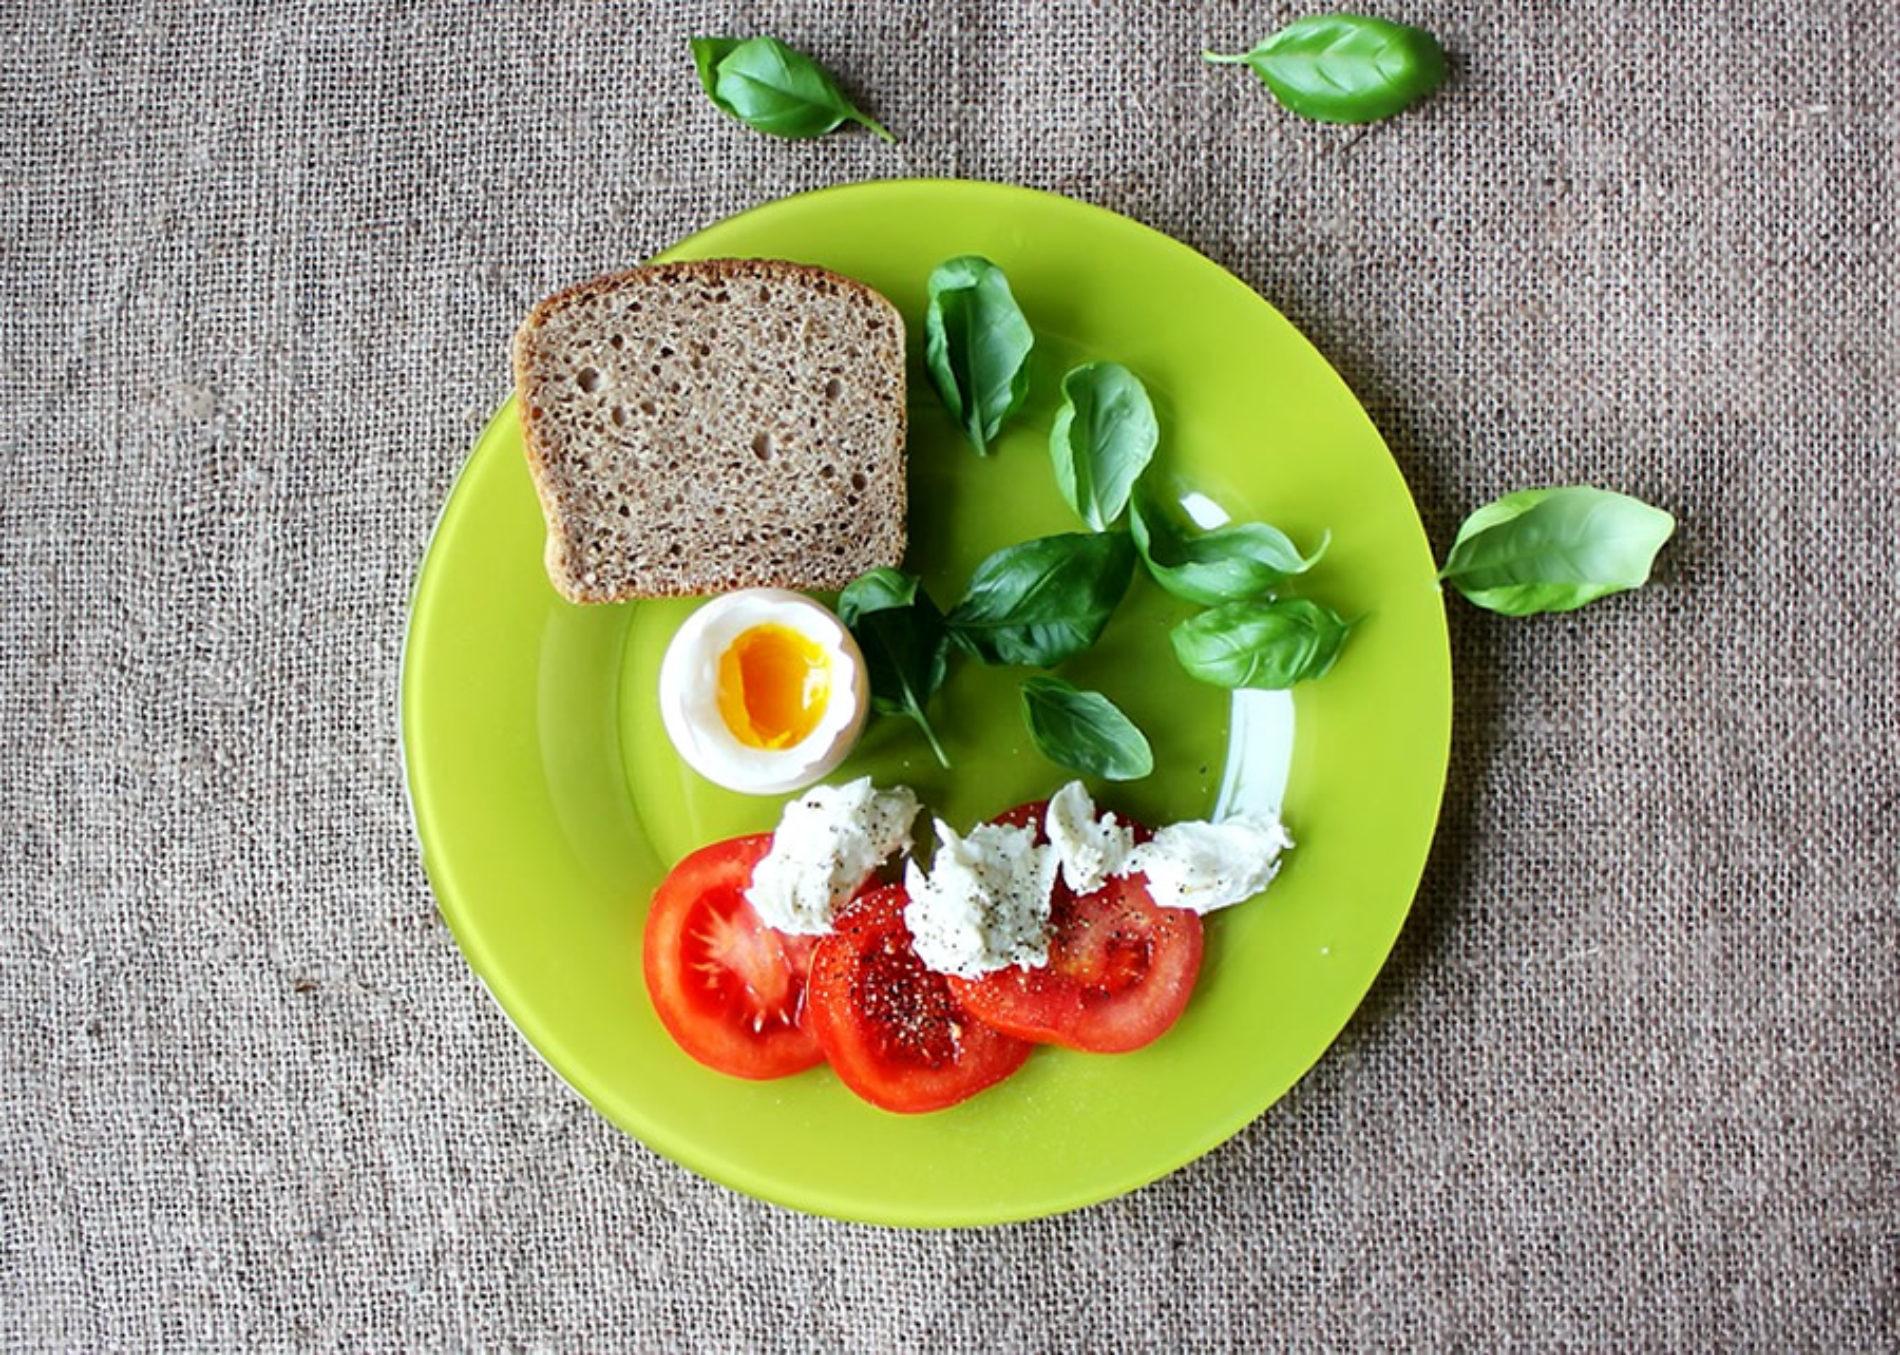 Quando comemos pouco o estômago diminui? E isso ajuda a emagrecer?